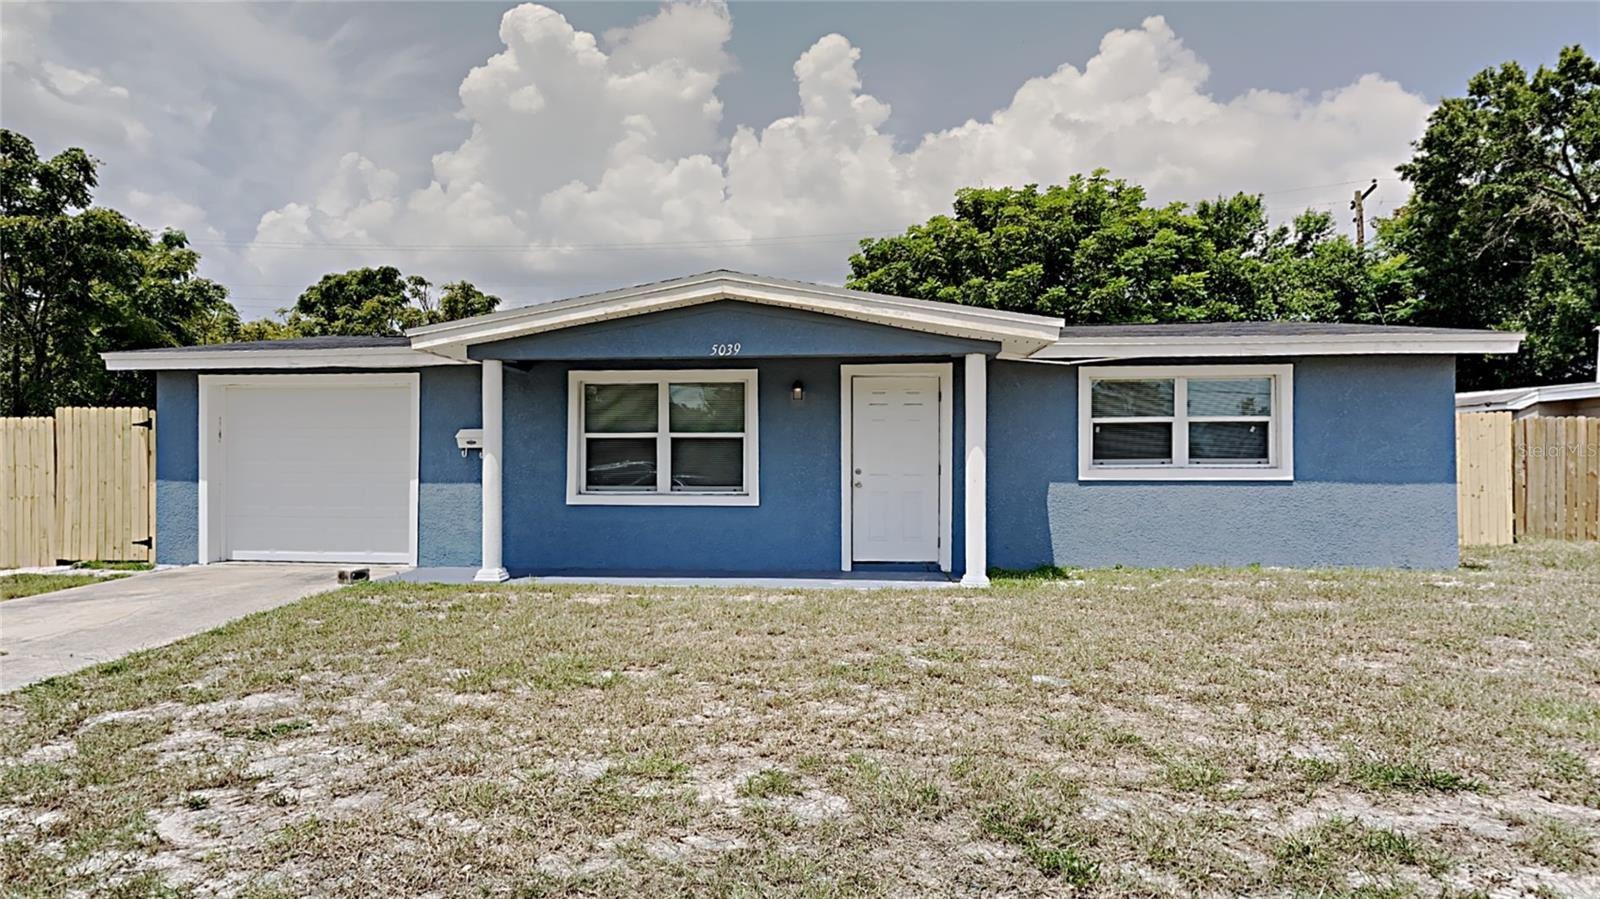 5039 TROUBLE CREEK ROAD, New Port Richey, FL 34652 - MLS#: T3326739